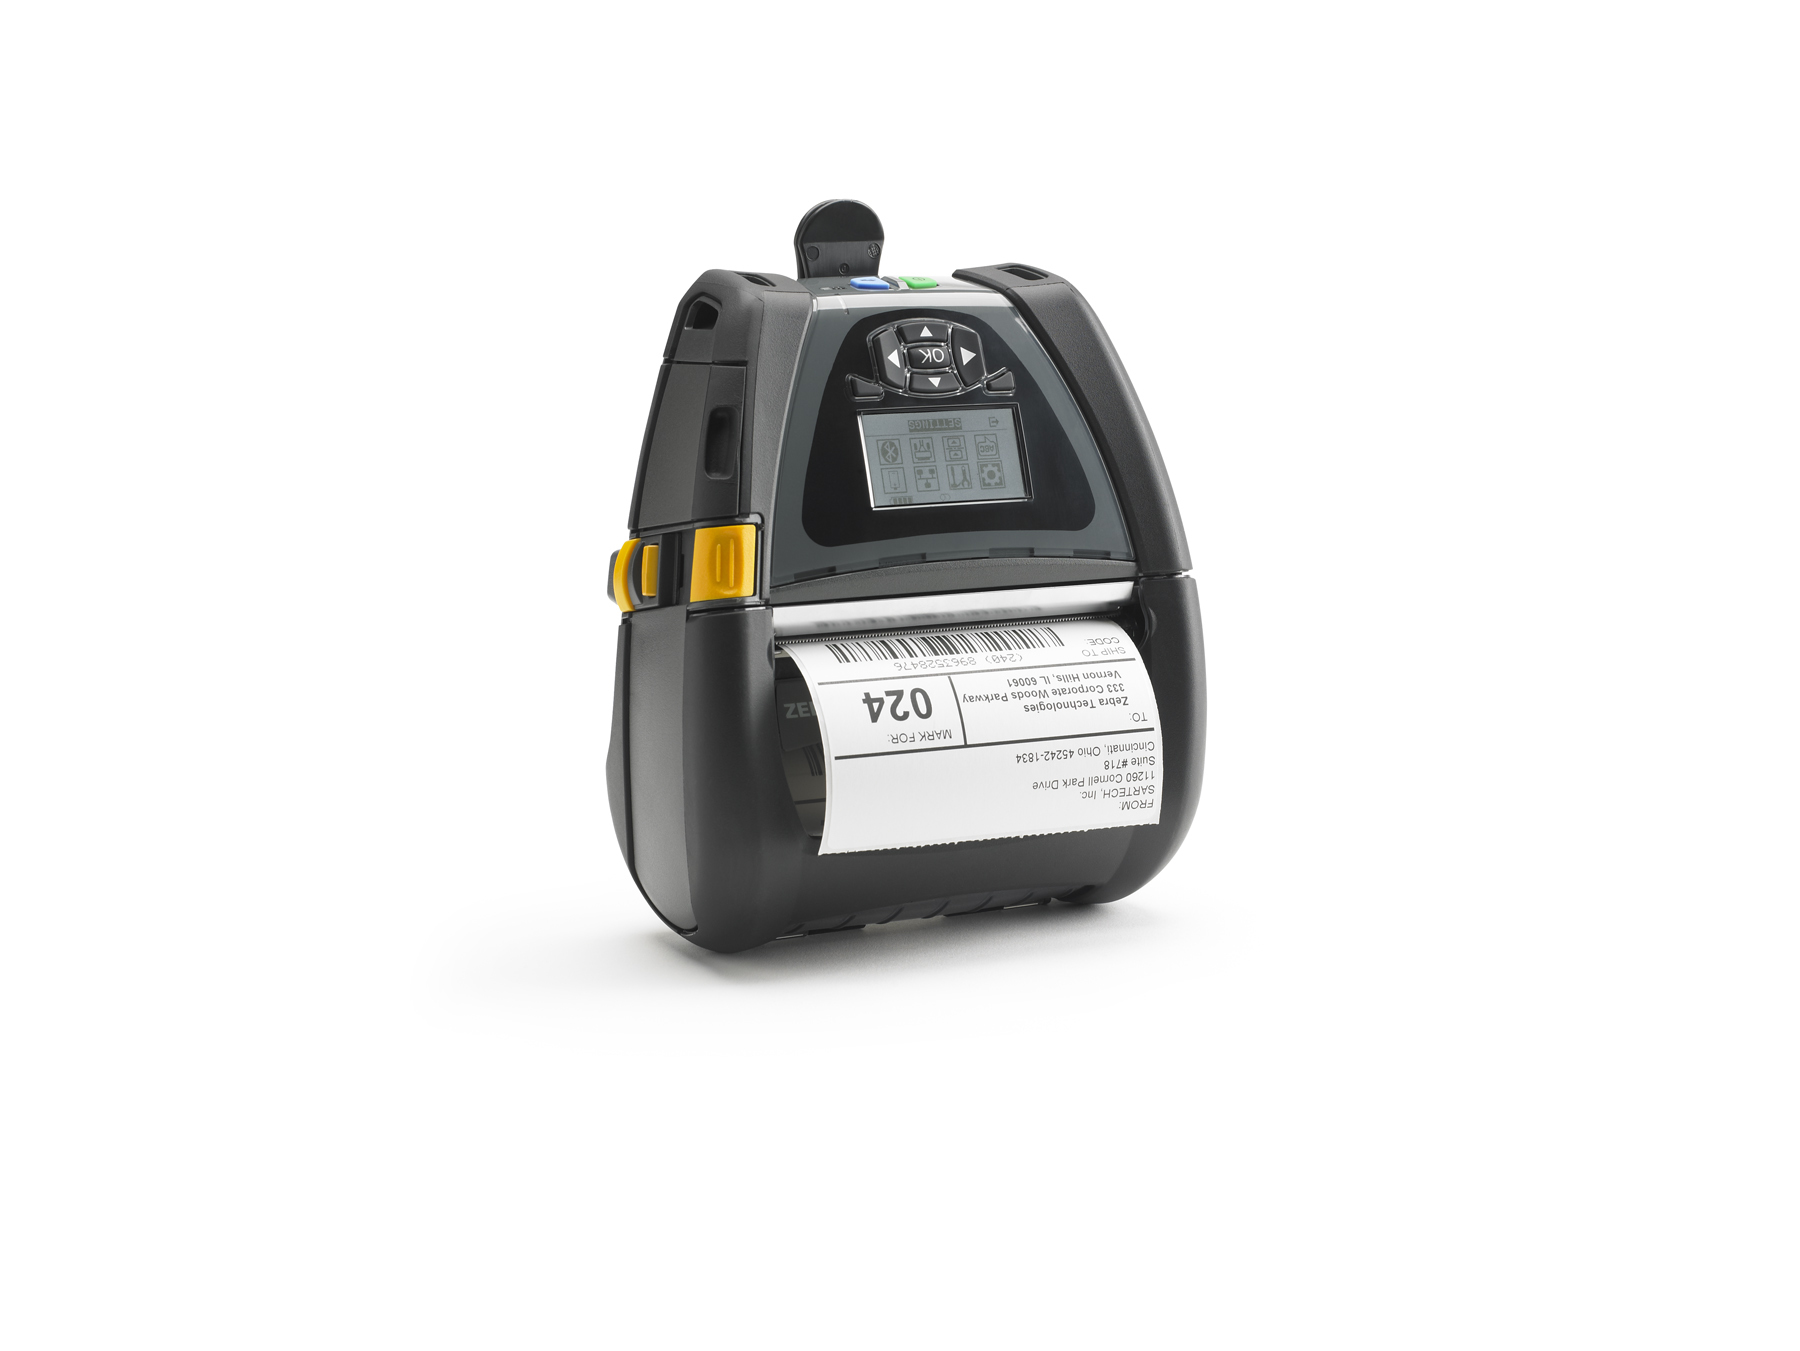 Zebra QLn420 Direct thermal Mobile printer 203 x 203DPI